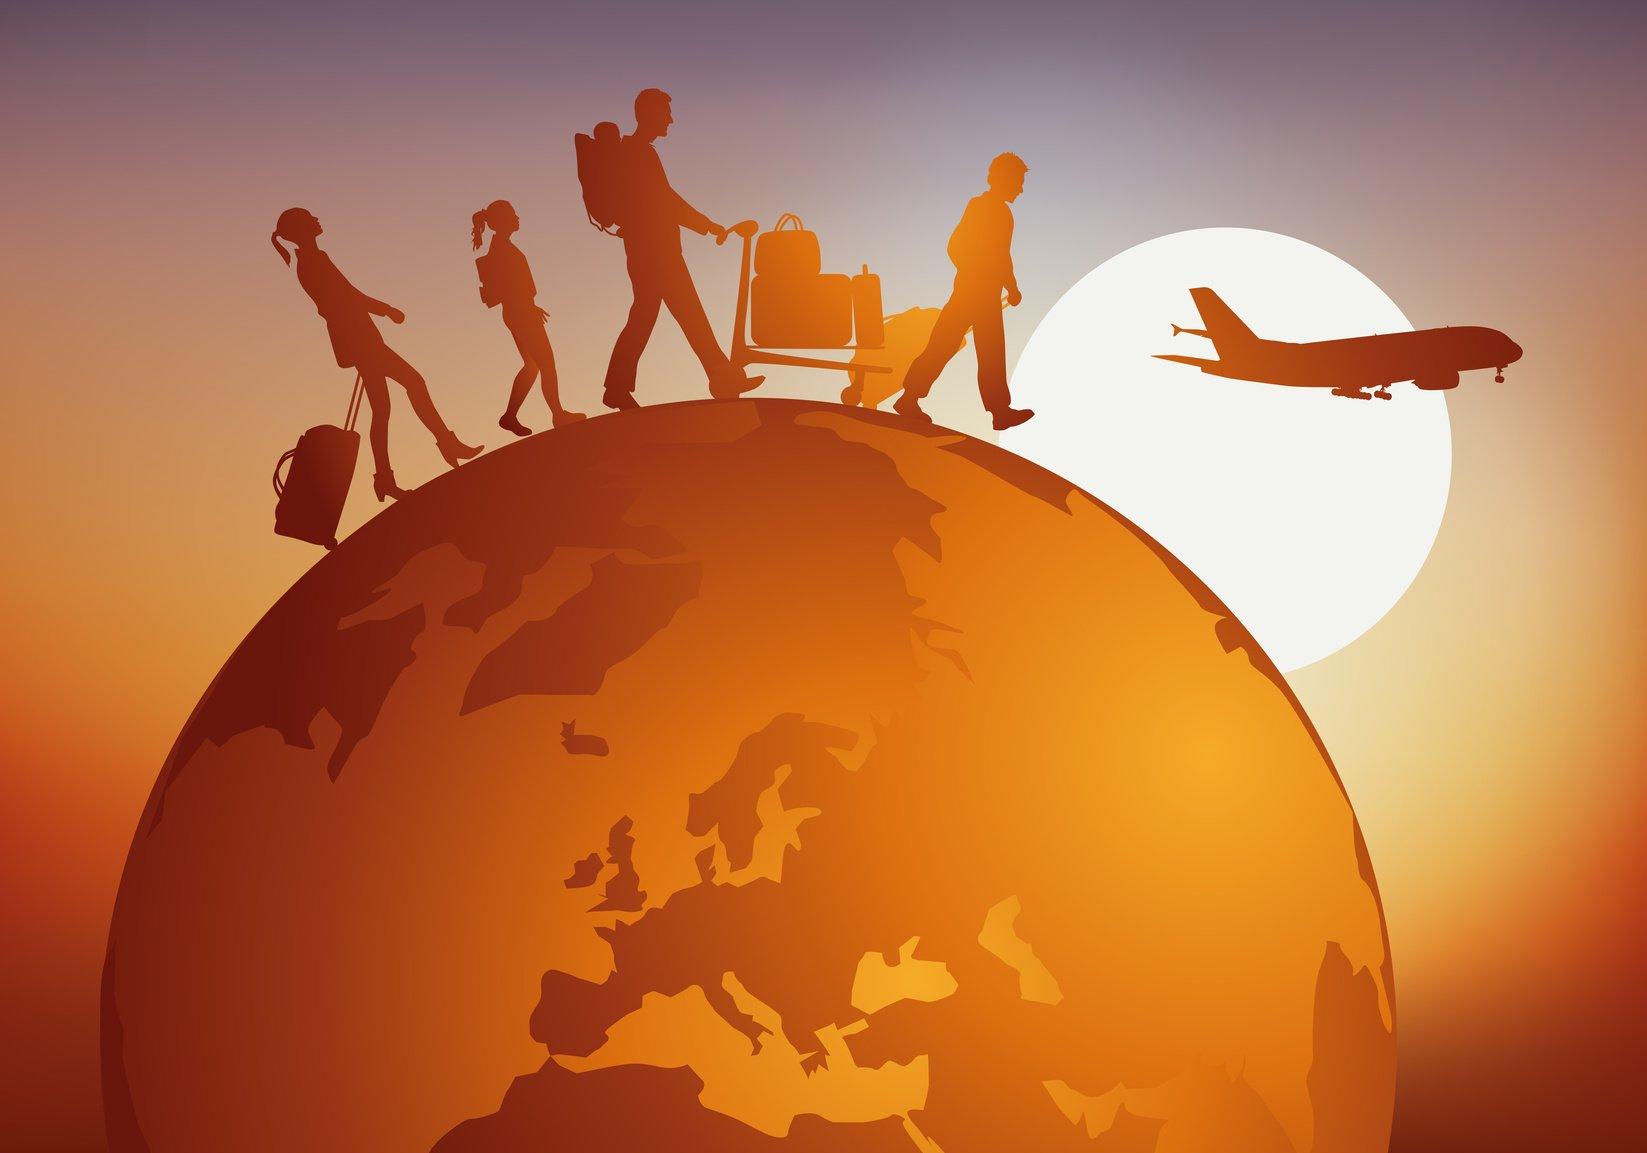 Στην περιφέρεια Δυτικής Μακεδονίας οι επισκέψεις σημείωσαν αύξηση 6%, από 330 χιλιάδες σε 349 χιλιάδες